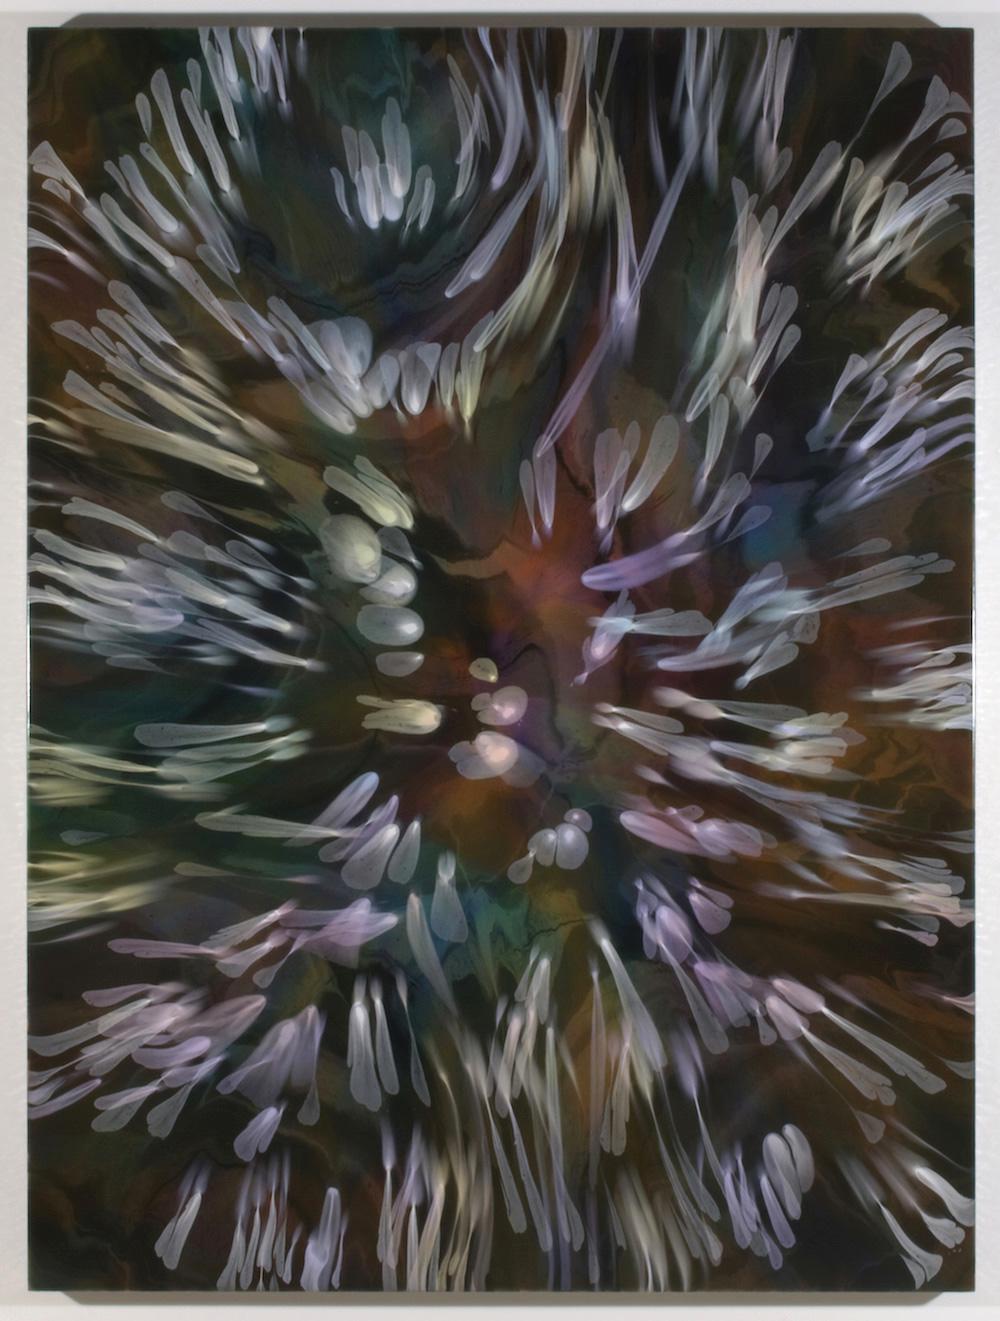 François Lacasse, Grande échappée II, 2018, acrylique et encre sur toile, 162,6 x 121,9 cm